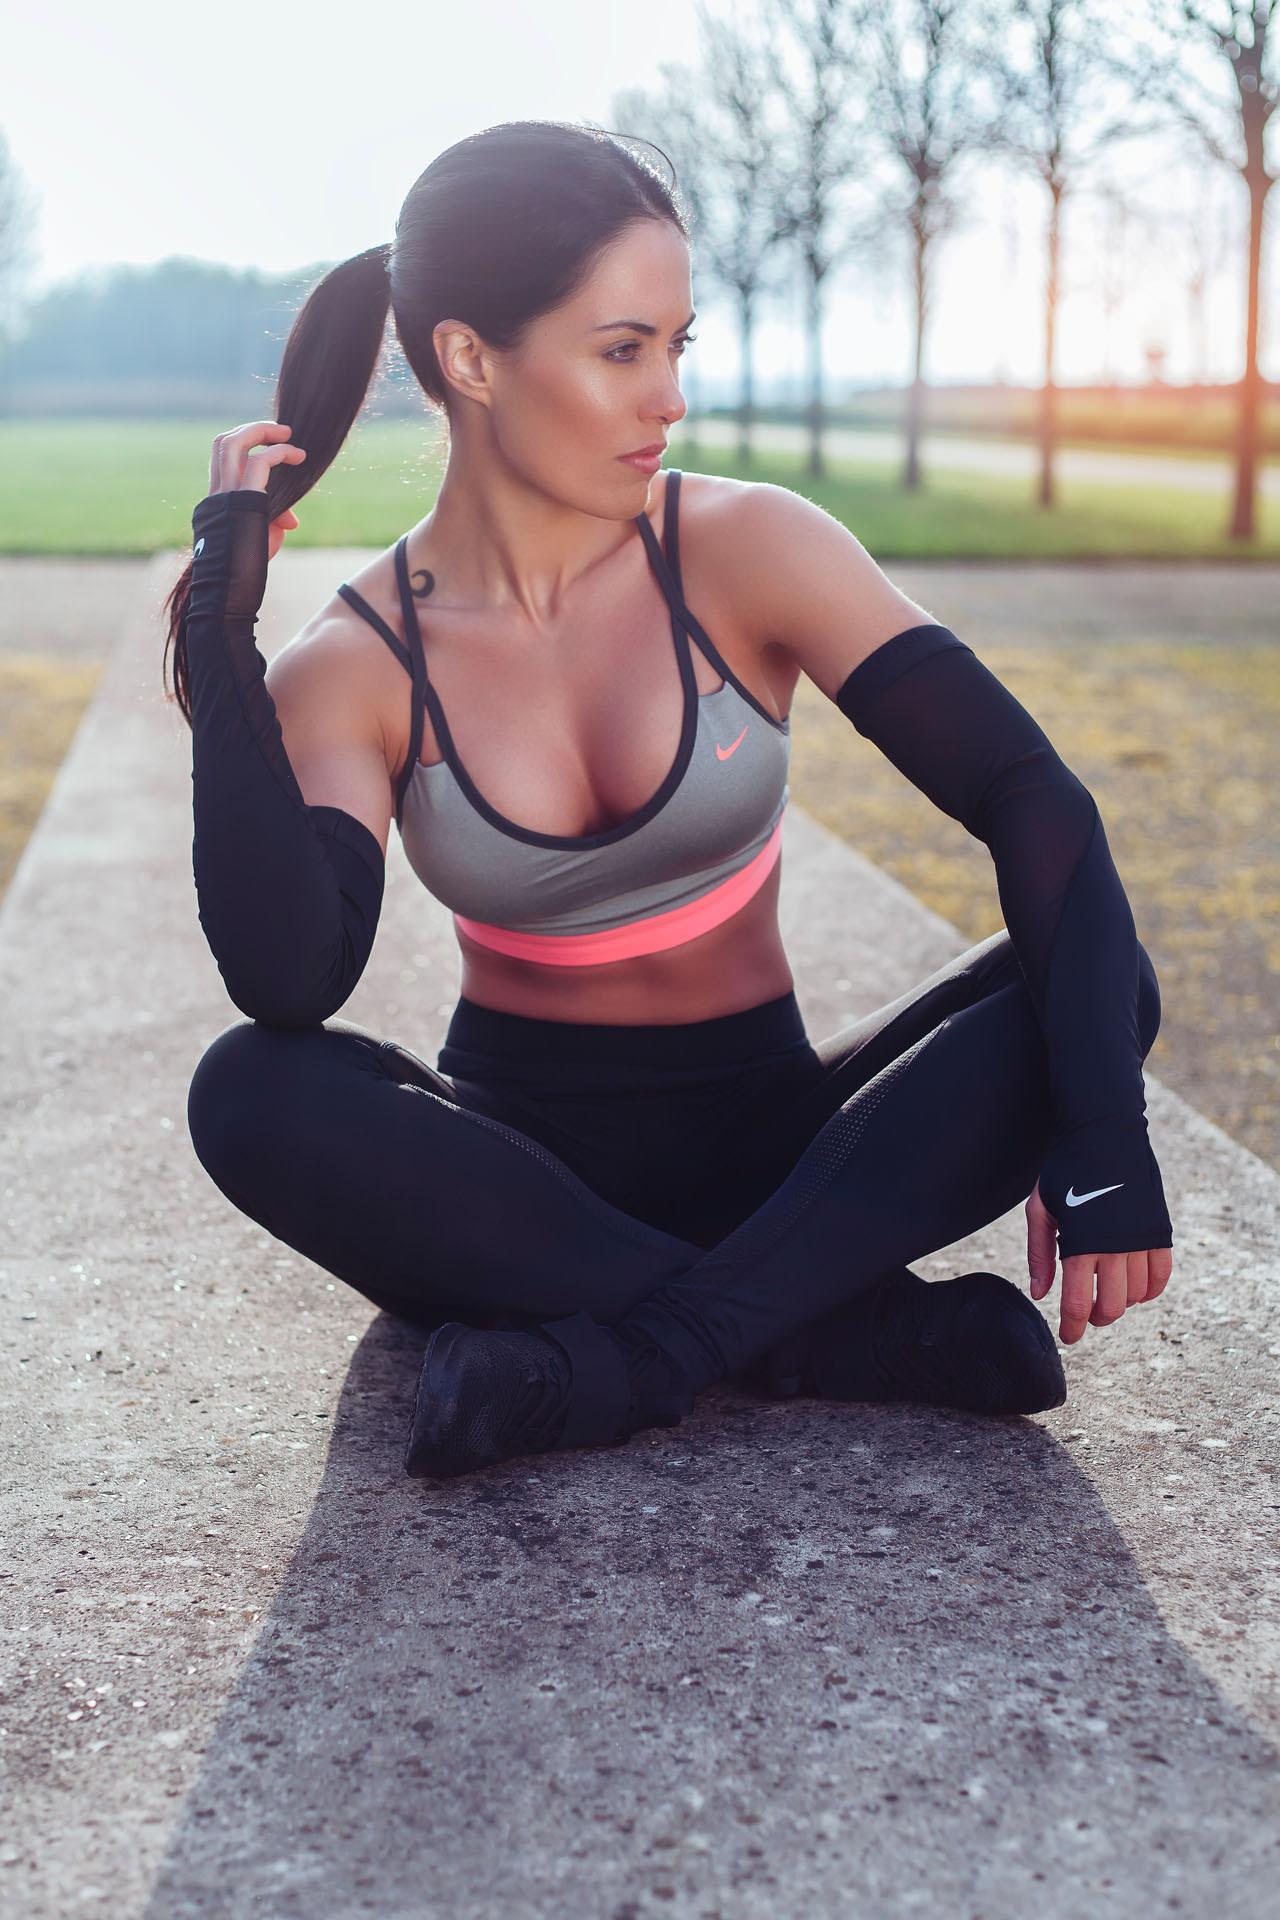 2017-03-10 - Kara Bellum - Nike - Sénart - 3843 - 1920px